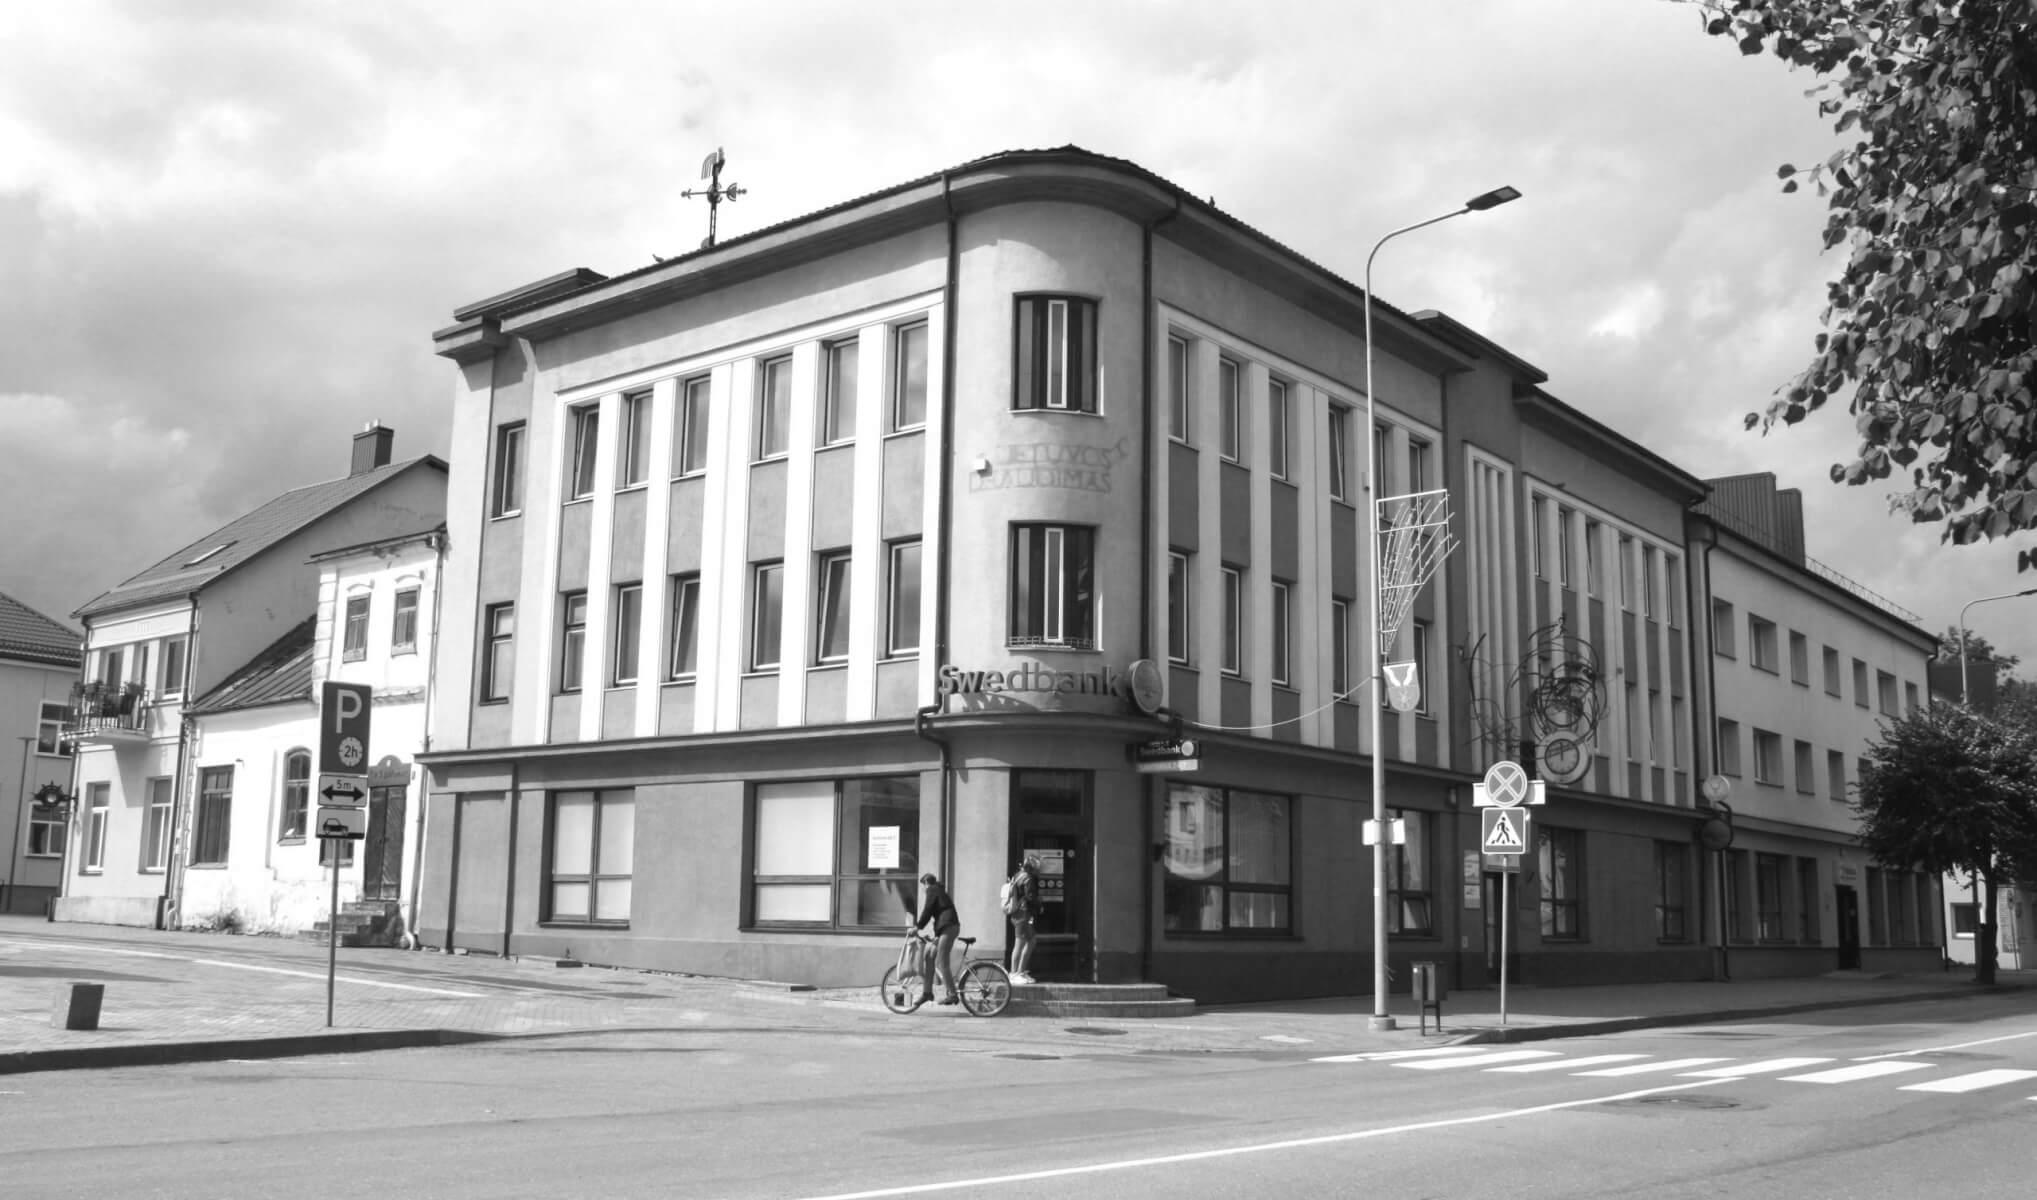 """Pastatas kuriame įsikūrę Swedbank klientų aptarnavimo padalinys, laikraščio """"Kupiškėnų mintys"""" redakcija, odontologinis kabinetas. (Buvęs Kupiškio kooperatyvo ir banko pastatas). 2021 m."""